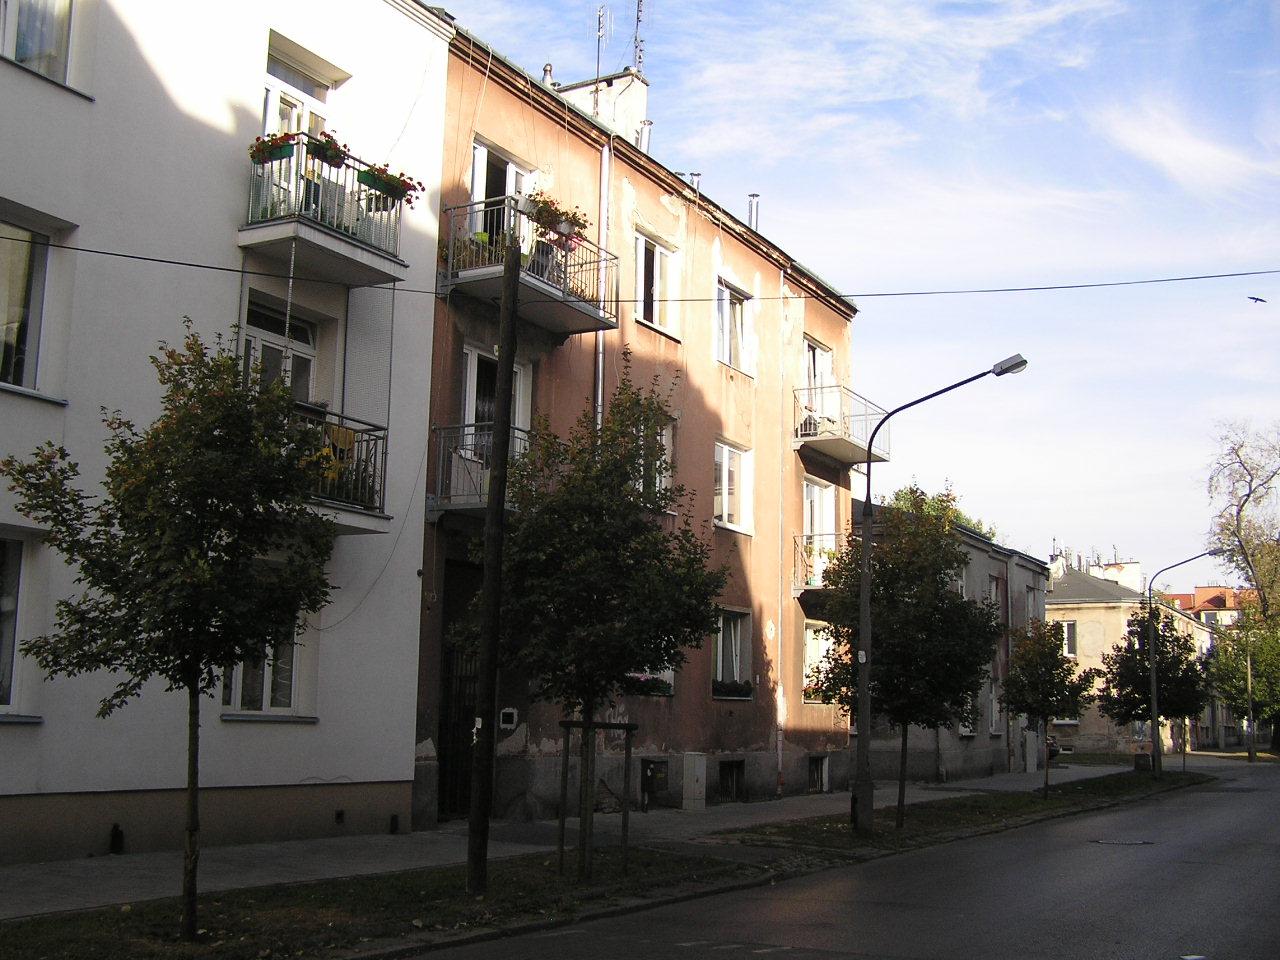 Kamienica przy ulicy Osowskiej 30 na Grochowie